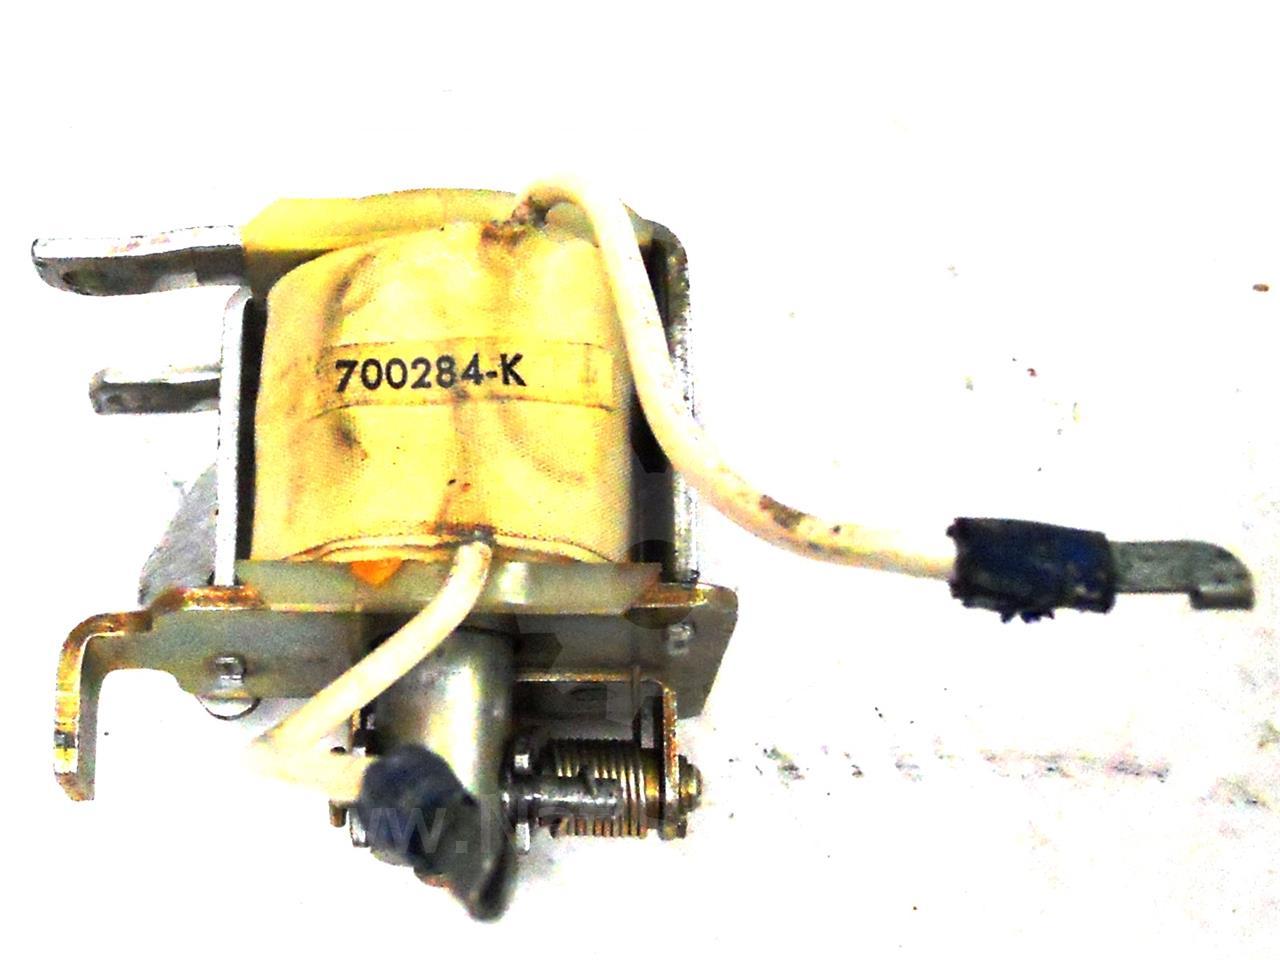 709723-T07 ITE 125VDC SHUNT TRIP COIL ASSEMBLY FOR K-225S / K-600S / K-800S